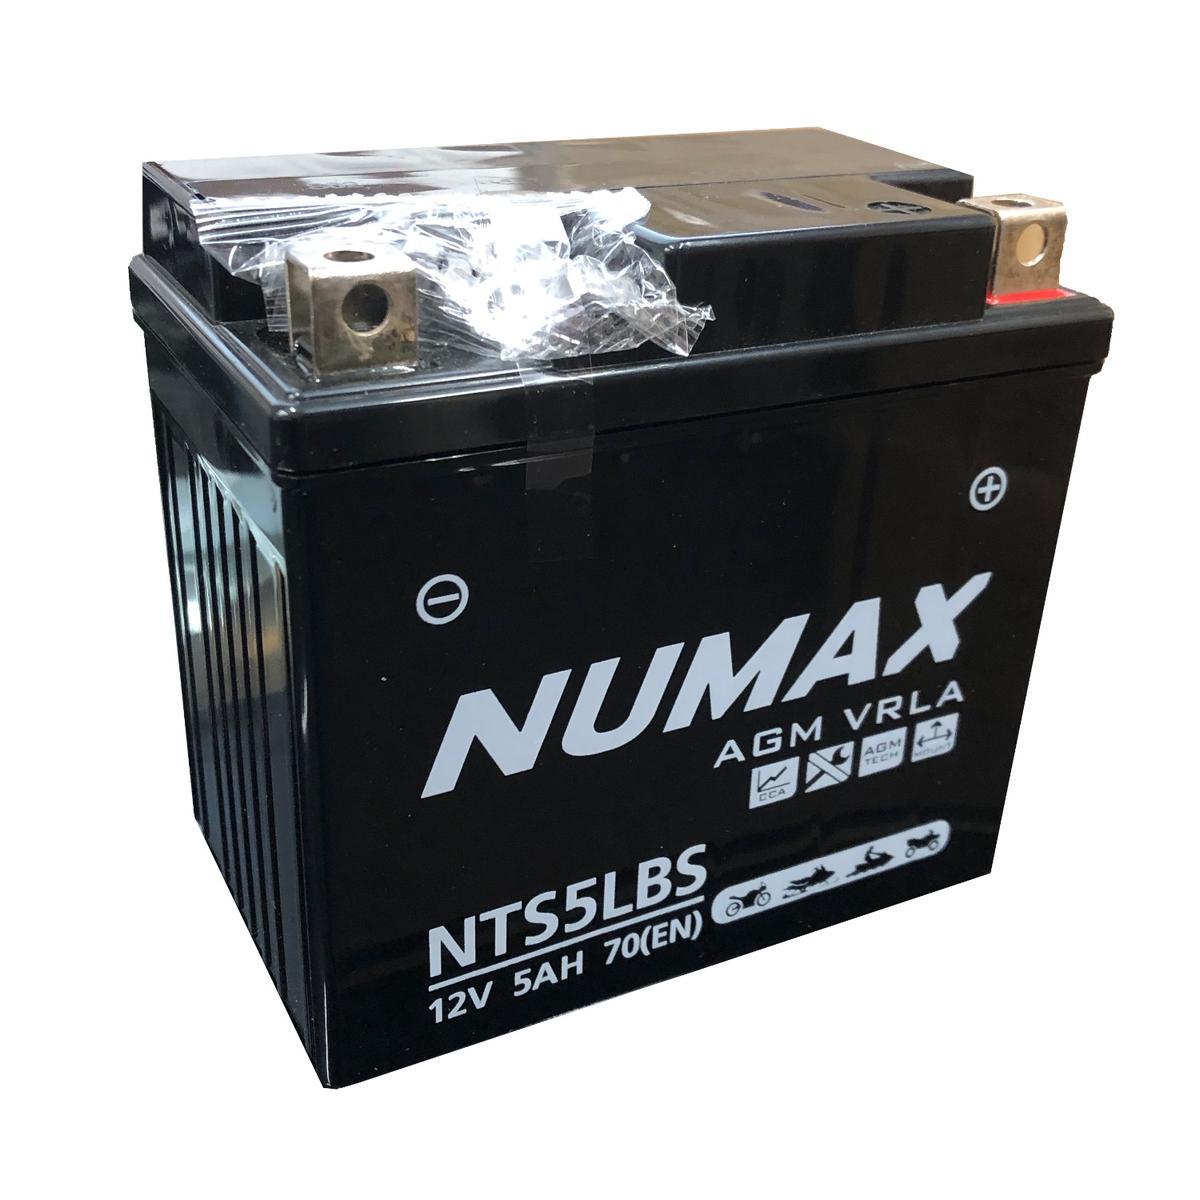 Numax 12v NTS5LBS Motorbike Bike Battery APRILLA 50cc SR Deitch YTX5L-BS